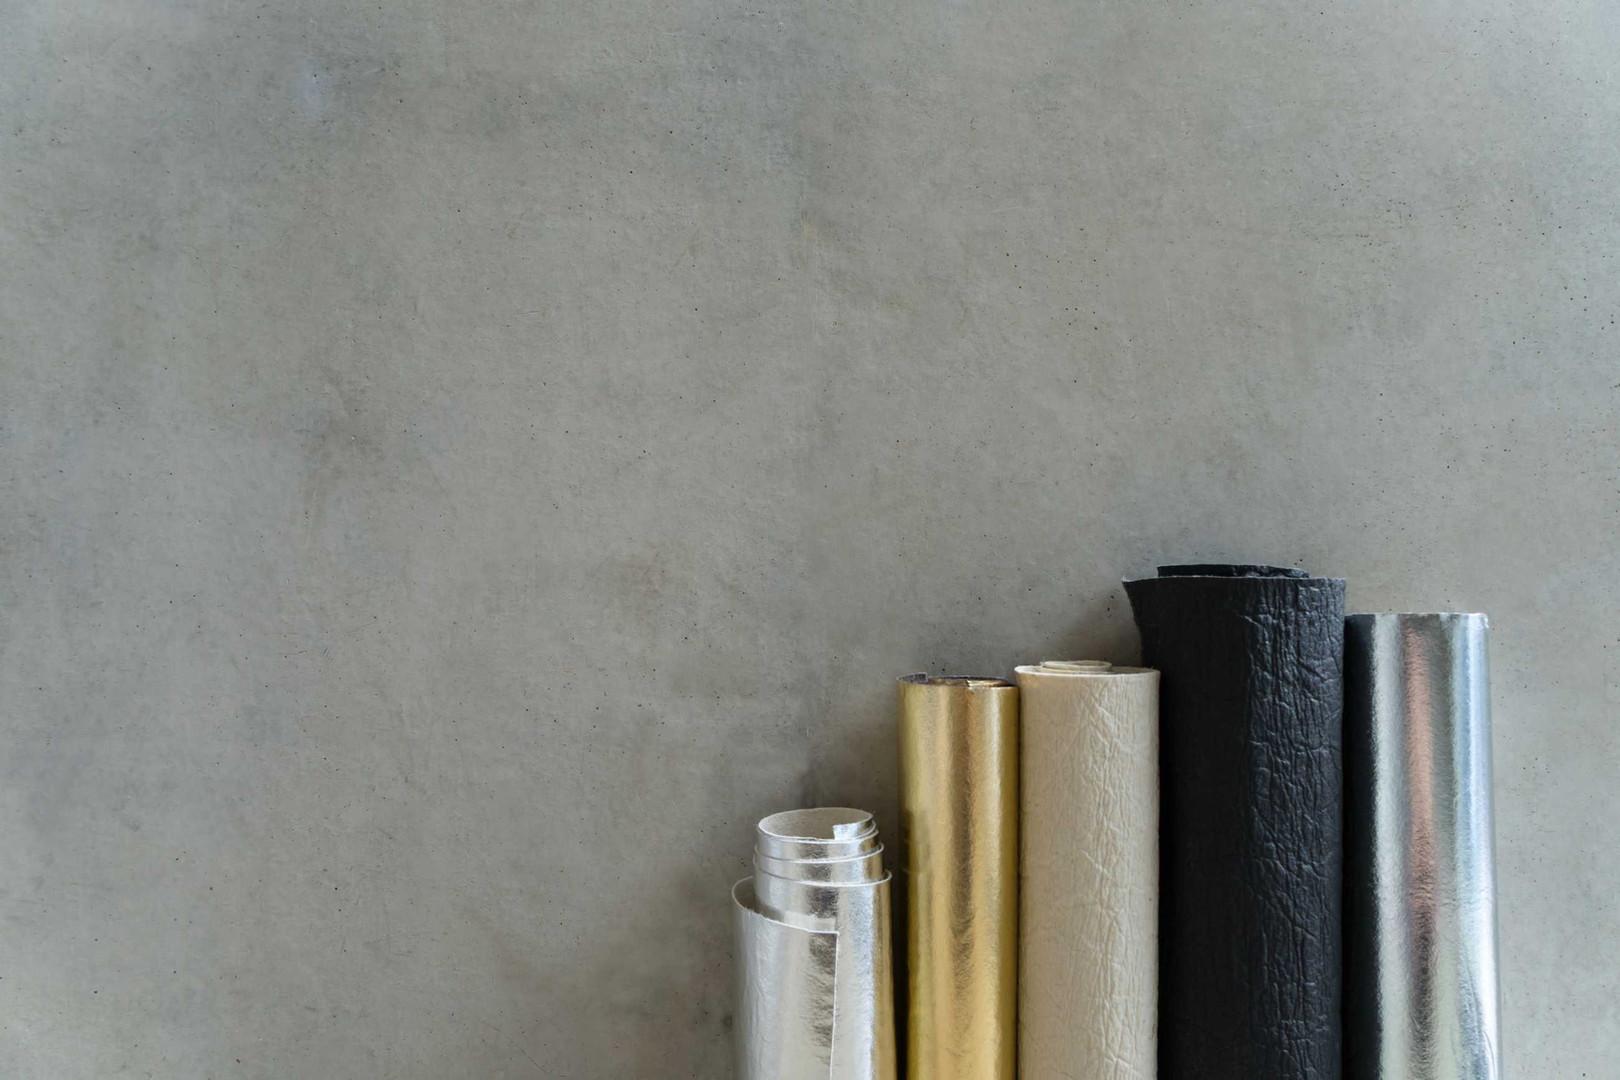 Piñatex-textile-on-concrete-2600x1733.jp